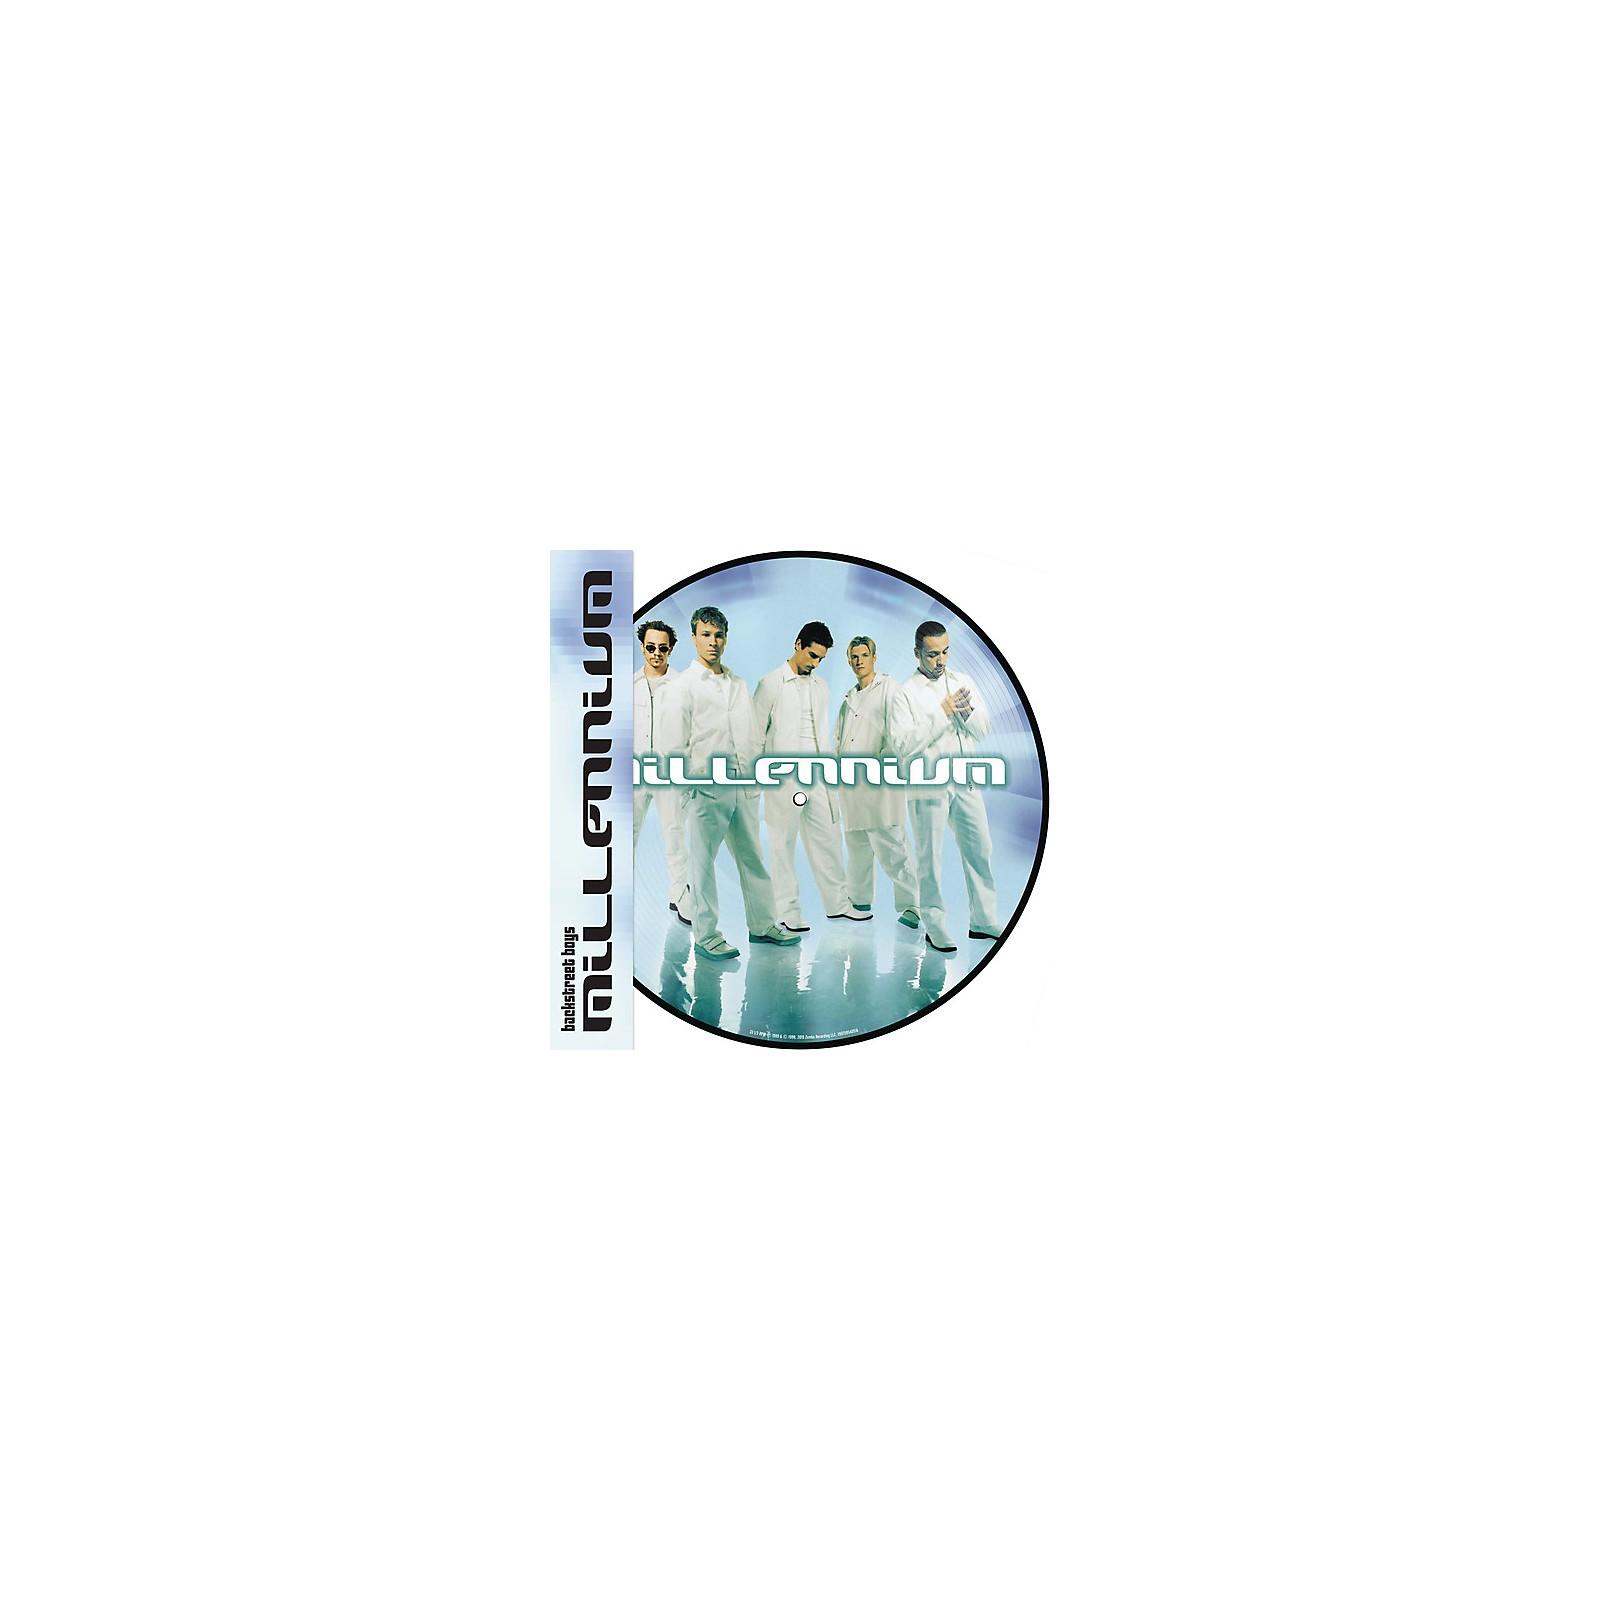 Alliance Backstreet Boys - Millennium